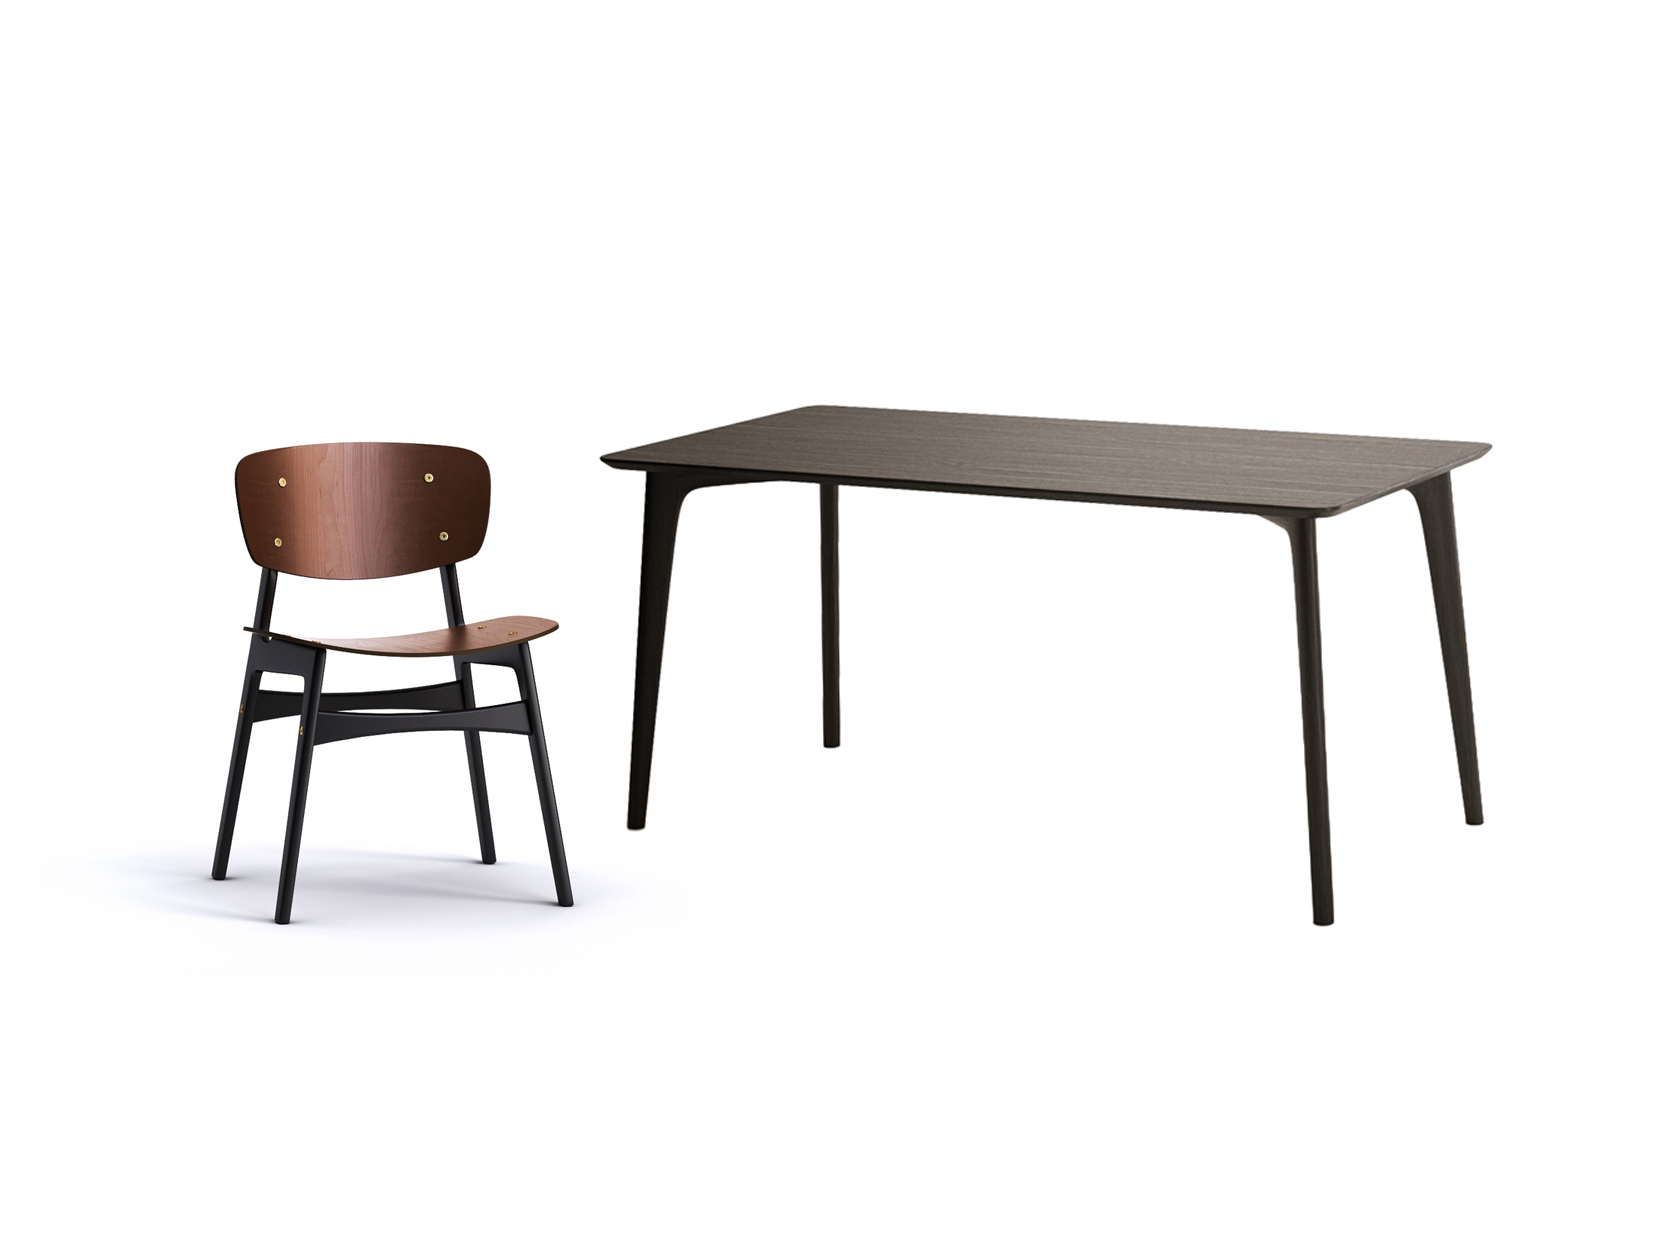 Обеденная группа Iggy (стол + 6 стульев)Комплекты для столовой<br>&amp;lt;div&amp;gt;Обеденный комплект Iggy- это лаконичный дизайн, изящные, эргономичные формы и благородство фактуры дерева. У стола ножки выполнены из массива дуба и отвечают за его прочность и устойчивость. а &amp;amp;nbsp;столешница представляет собой шпонированный дуб.&amp;amp;nbsp;&amp;lt;span style=&amp;quot;font-size: 14px;&amp;quot;&amp;gt;Размеры стола позволяют комфортно расположится большому количеству людей на действительно удобный стульях от известного российского производителя.&amp;amp;nbsp;&amp;lt;/span&amp;gt;&amp;lt;span style=&amp;quot;font-size: 14px;&amp;quot;&amp;gt;При изготовлении стульев использовались экологичные материалы на основе древесины.&amp;lt;/span&amp;gt;&amp;lt;/div&amp;gt;&amp;lt;div&amp;gt;&amp;lt;span style=&amp;quot;font-size: 14px;&amp;quot;&amp;gt;&amp;lt;br&amp;gt;&amp;lt;/span&amp;gt;&amp;lt;/div&amp;gt;&amp;lt;div&amp;gt;&amp;lt;div&amp;gt;Размеры стола: 160/75/80&amp;lt;/div&amp;gt;&amp;lt;div&amp;gt;Материал стола: дуб&amp;lt;/div&amp;gt;&amp;lt;div&amp;gt;&amp;lt;span style=&amp;quot;font-size: 14px;&amp;quot;&amp;gt;Стол доступен в пяти видах отделки: светлый дуб, темный дуб, дуб венге, беленый дуб, дуб орех.&amp;lt;/span&amp;gt;&amp;lt;br&amp;gt;&amp;lt;/div&amp;gt;&amp;lt;div&amp;gt;&amp;lt;span style=&amp;quot;font-size: 14px;&amp;quot;&amp;gt;&amp;lt;br&amp;gt;&amp;lt;/span&amp;gt;&amp;lt;/div&amp;gt;&amp;lt;div&amp;gt;Размеры стула: 54/46/78&amp;lt;/div&amp;gt;&amp;lt;div&amp;gt;Материал стула: дерево&amp;lt;/div&amp;gt;&amp;lt;/div&amp;gt;<br><br>Material: Дуб<br>Ширина см: 160<br>Высота см: 80<br>Глубина см: 75